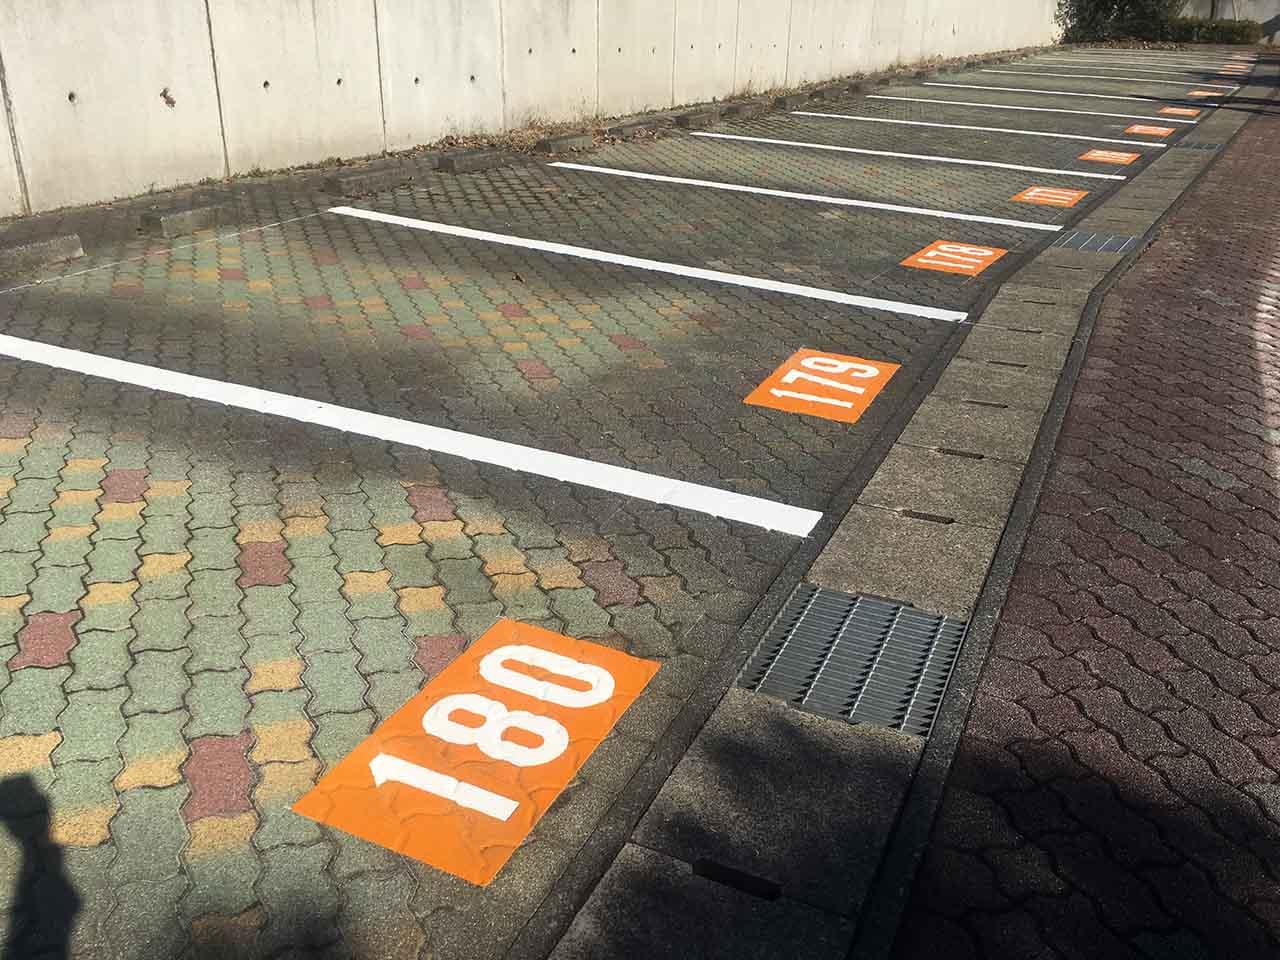 数字【駐車場ナンバー】